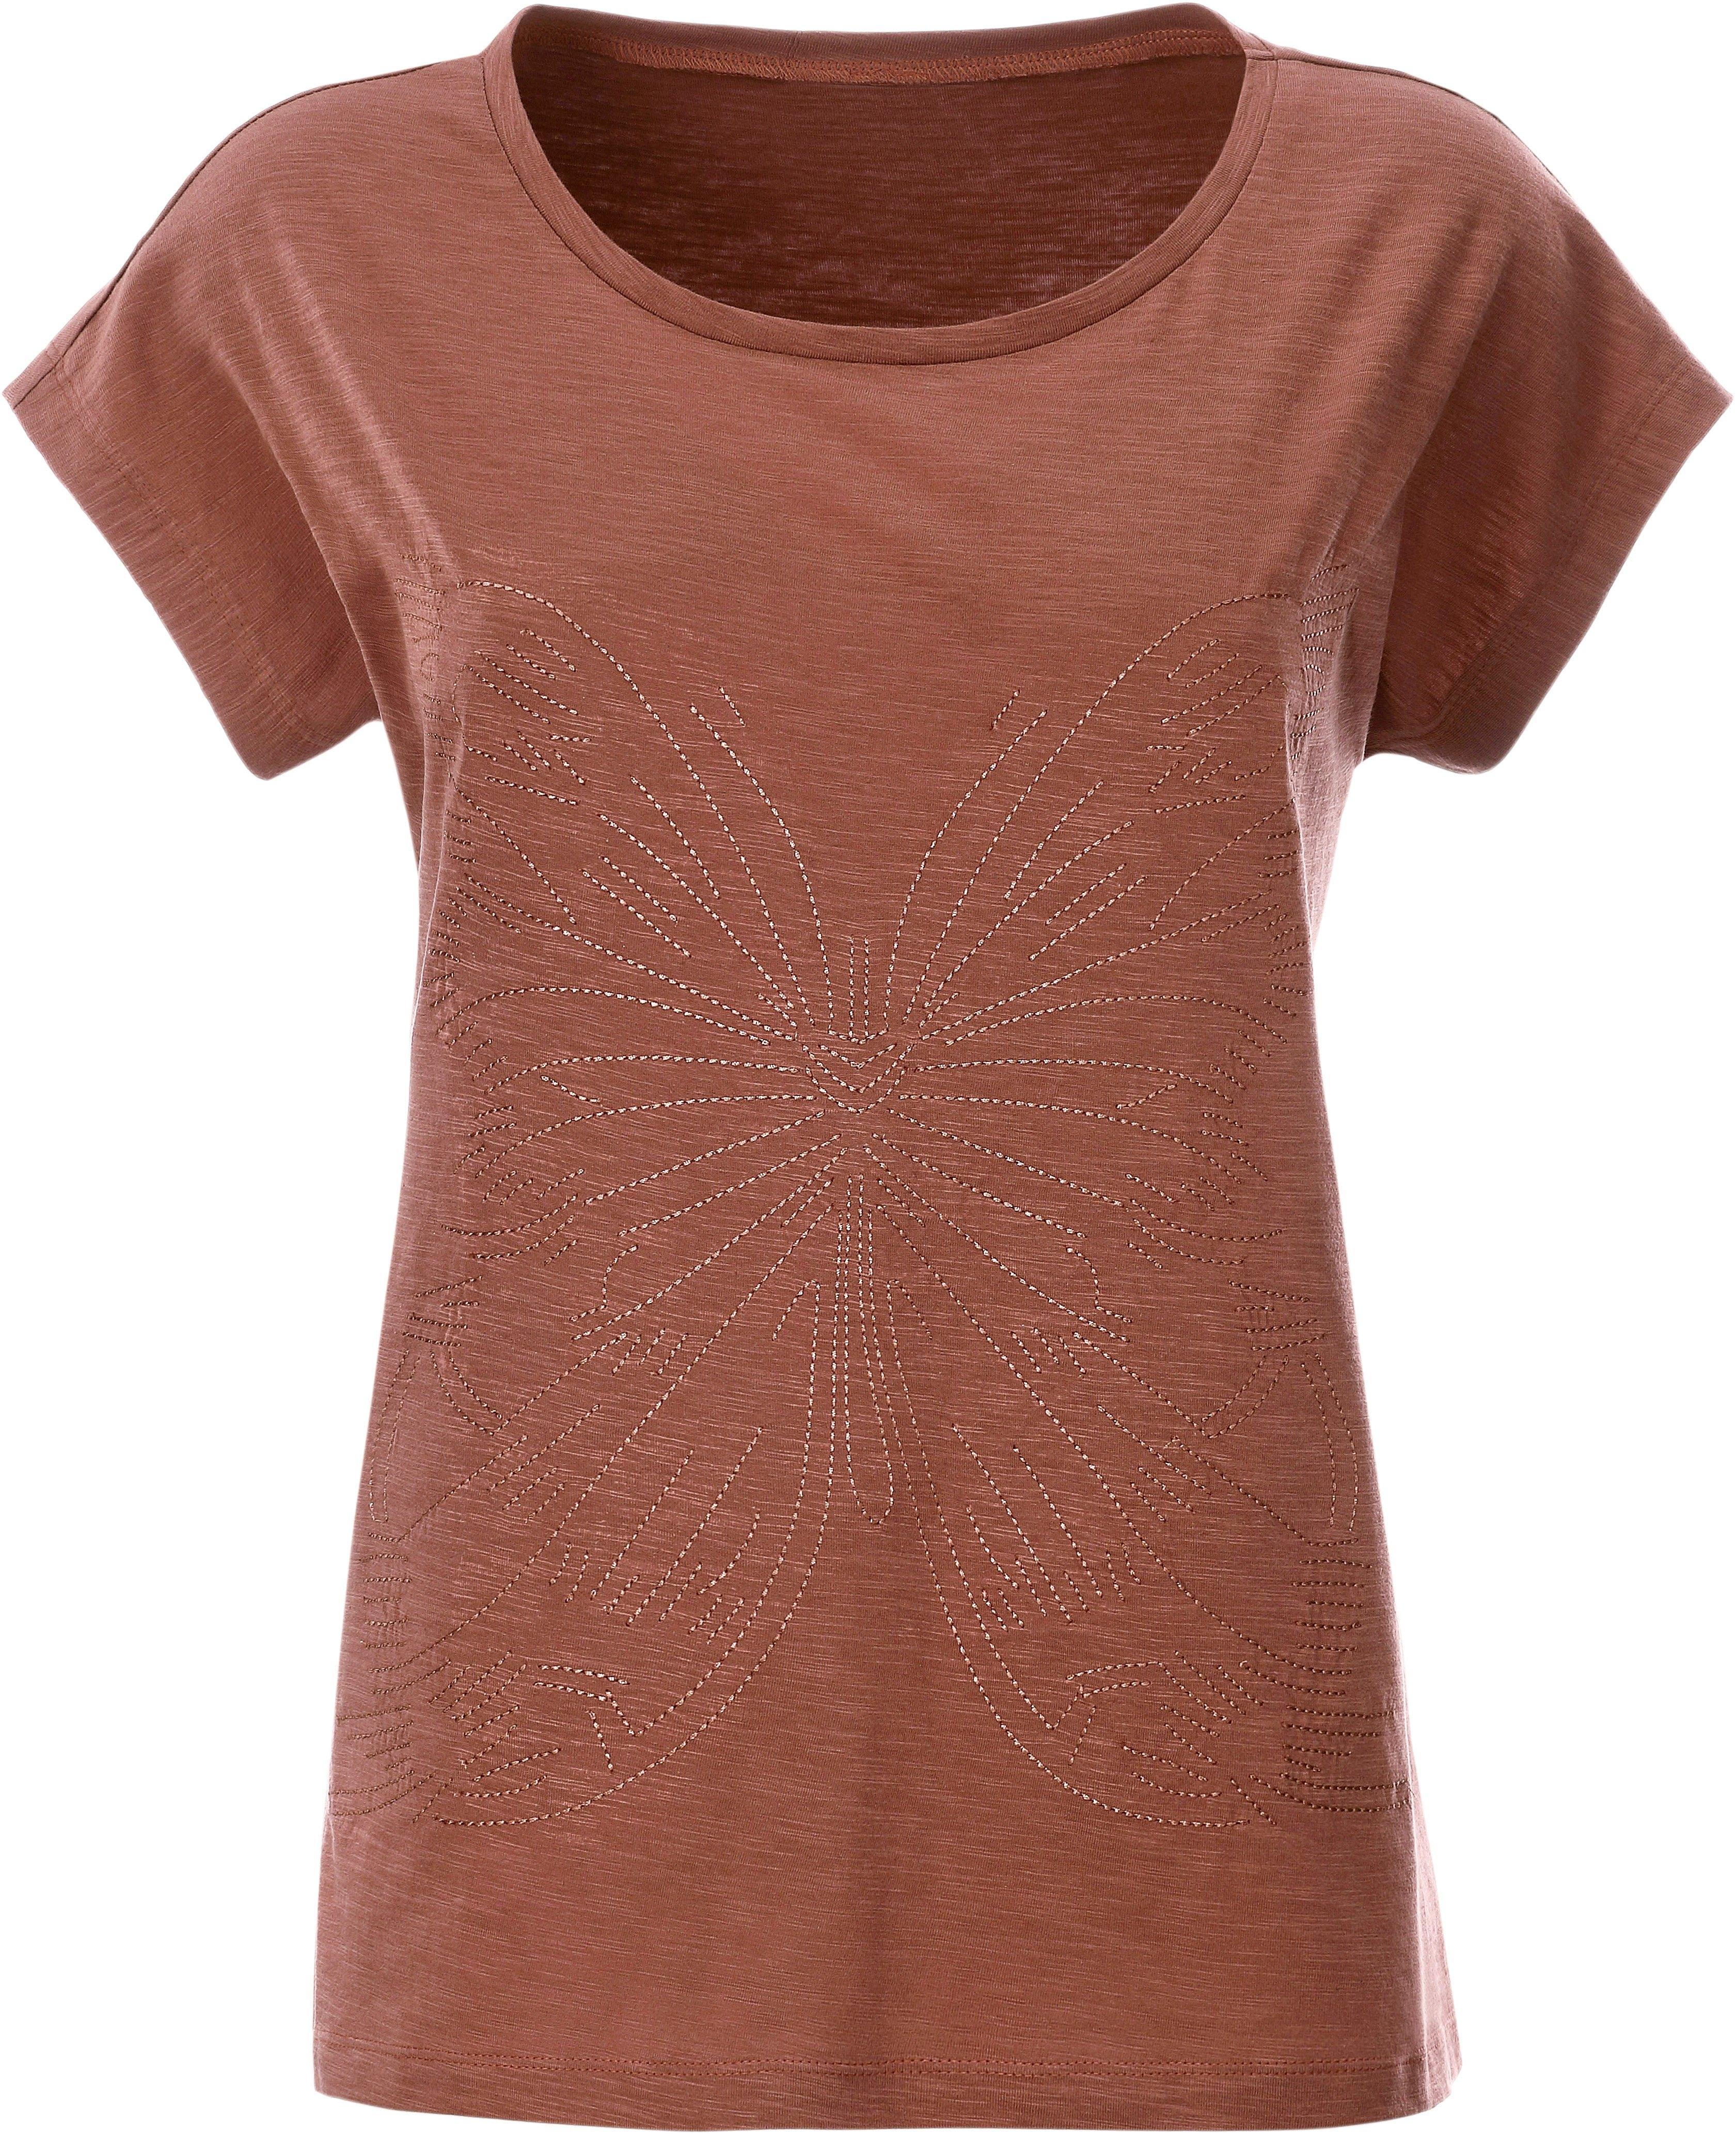 Met De Shirt Shop Online In Vlinderborduursel Ambria OXTuPikZ